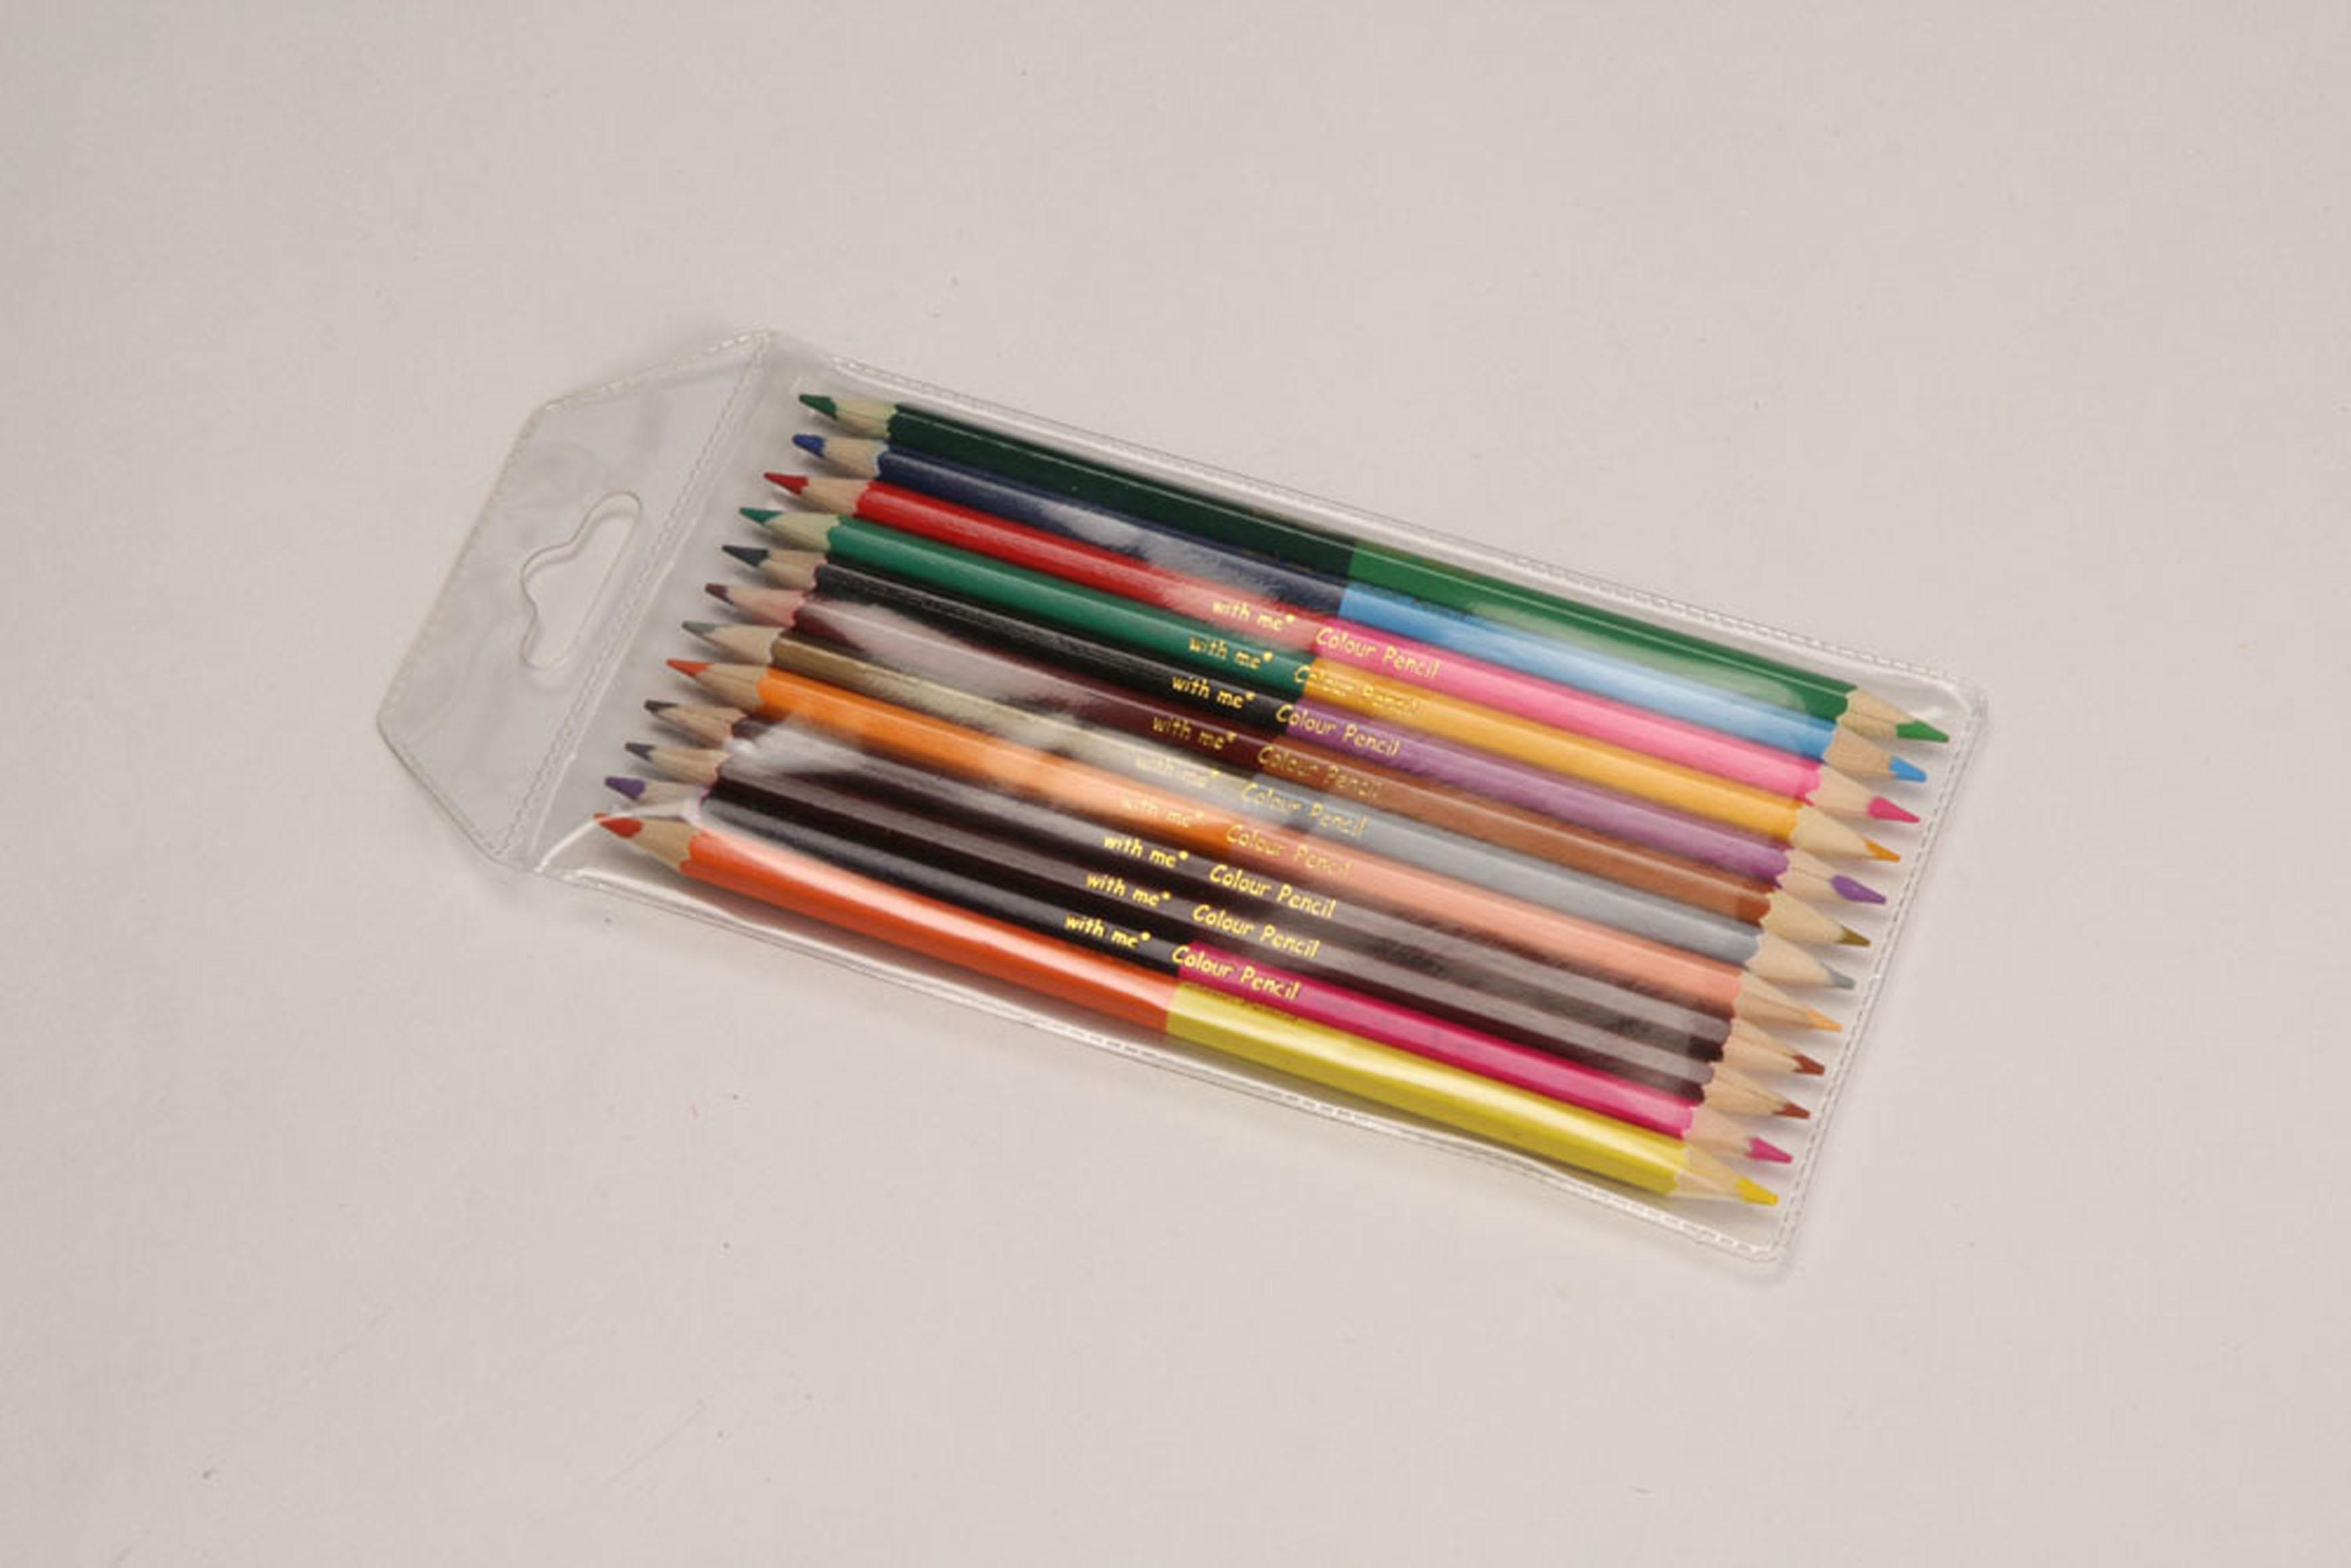 Bi-color pencils